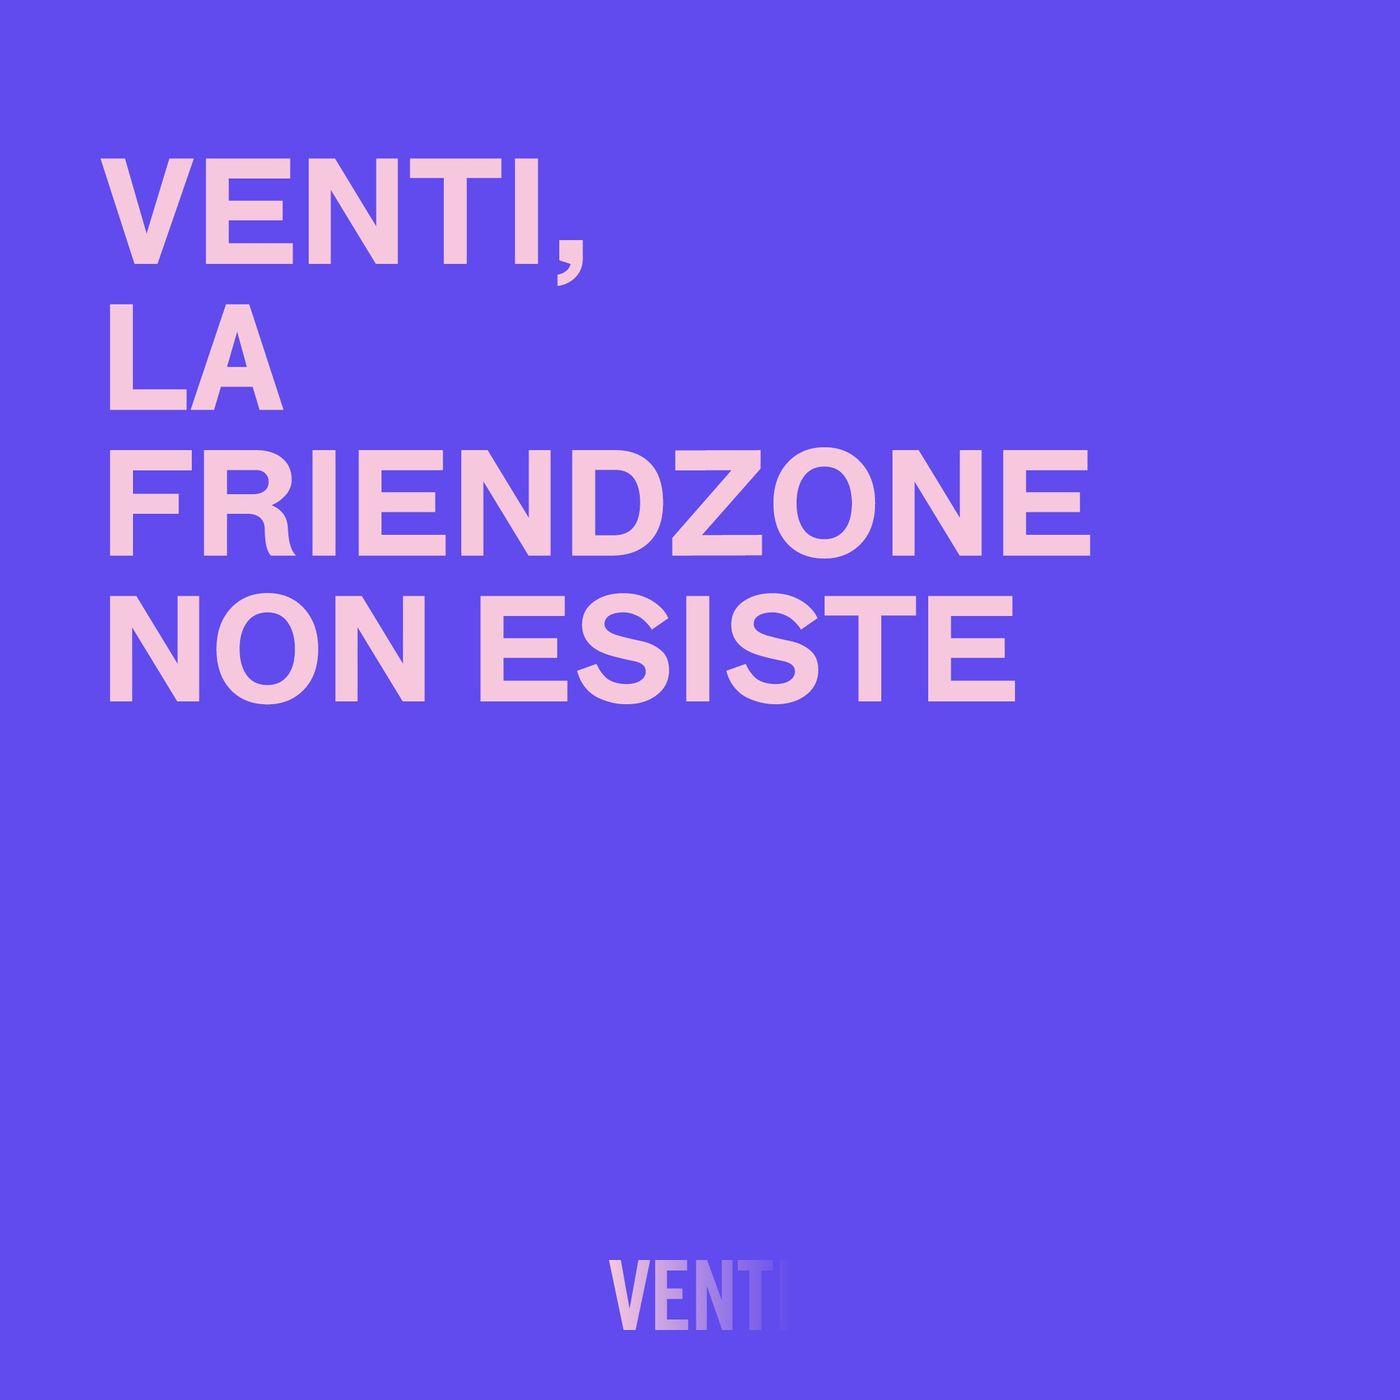 82. La friendzone non esiste